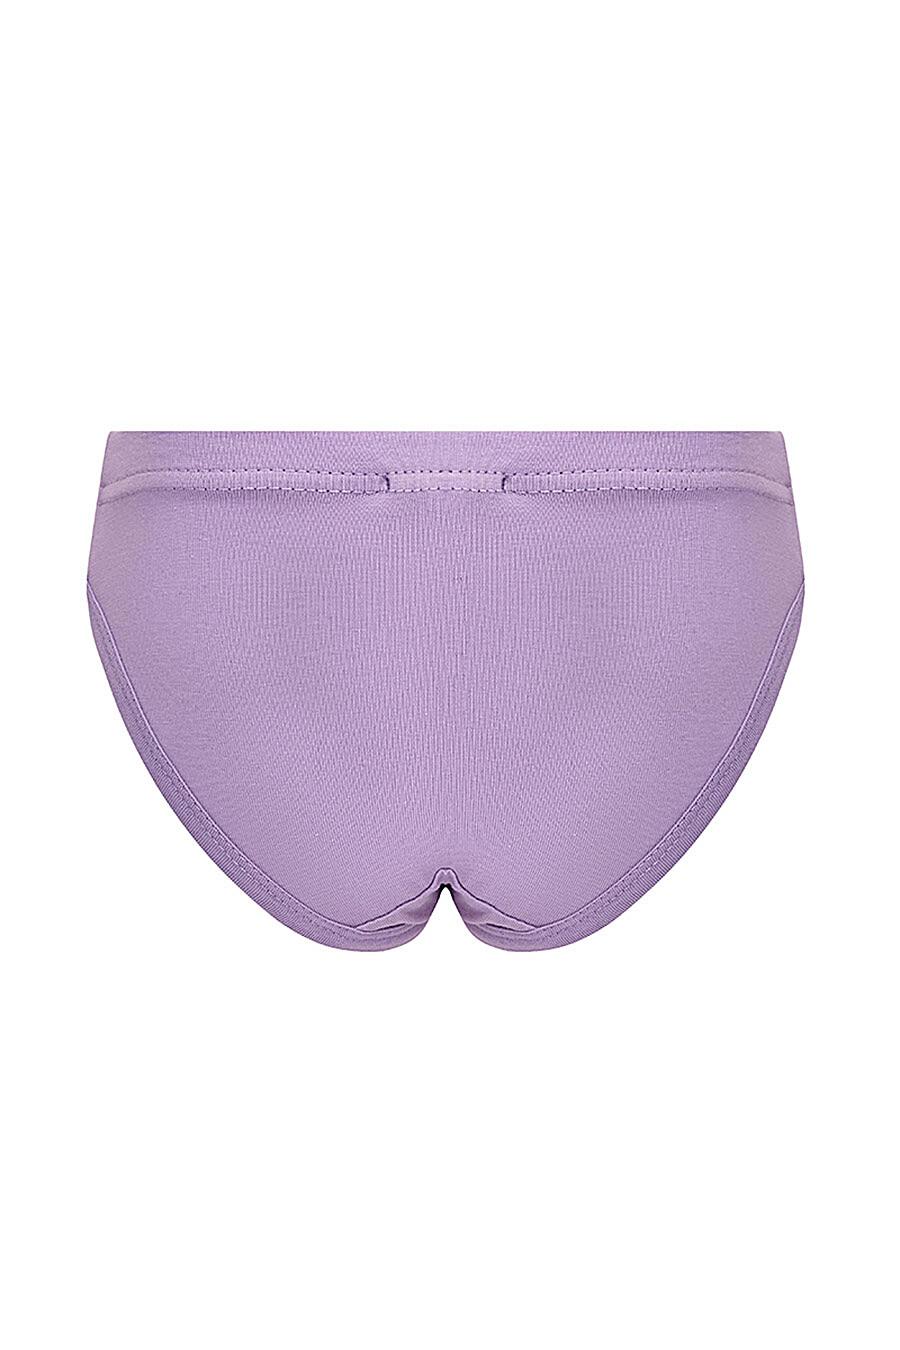 Трусы для девочек ROXY FOXY 707346 купить оптом от производителя. Совместная покупка детской одежды в OptMoyo